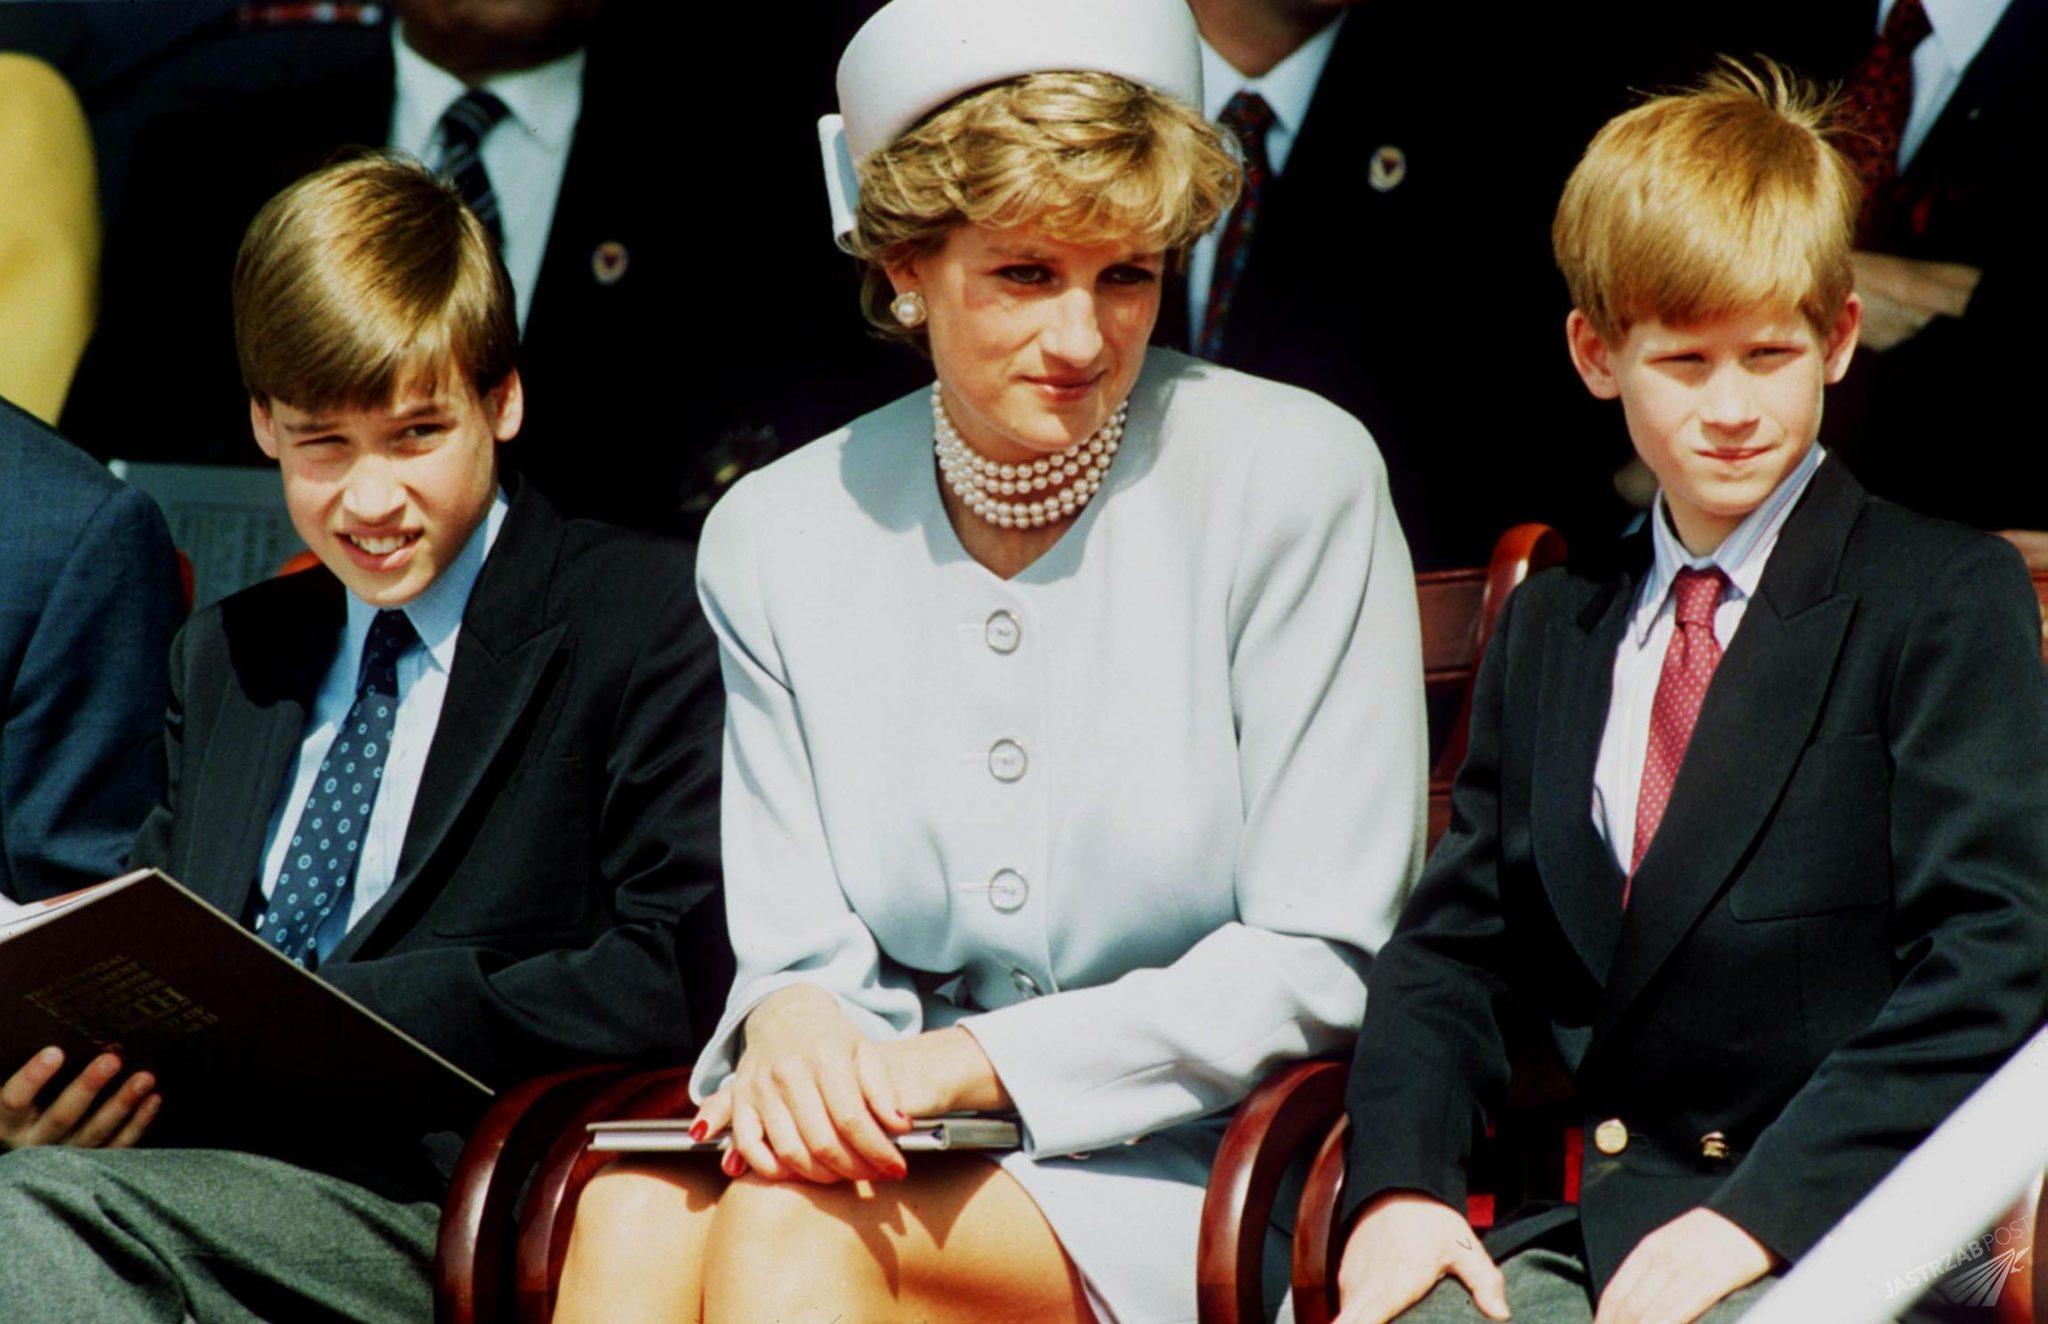 Księżna Diana z synami - Williamem i Harrym